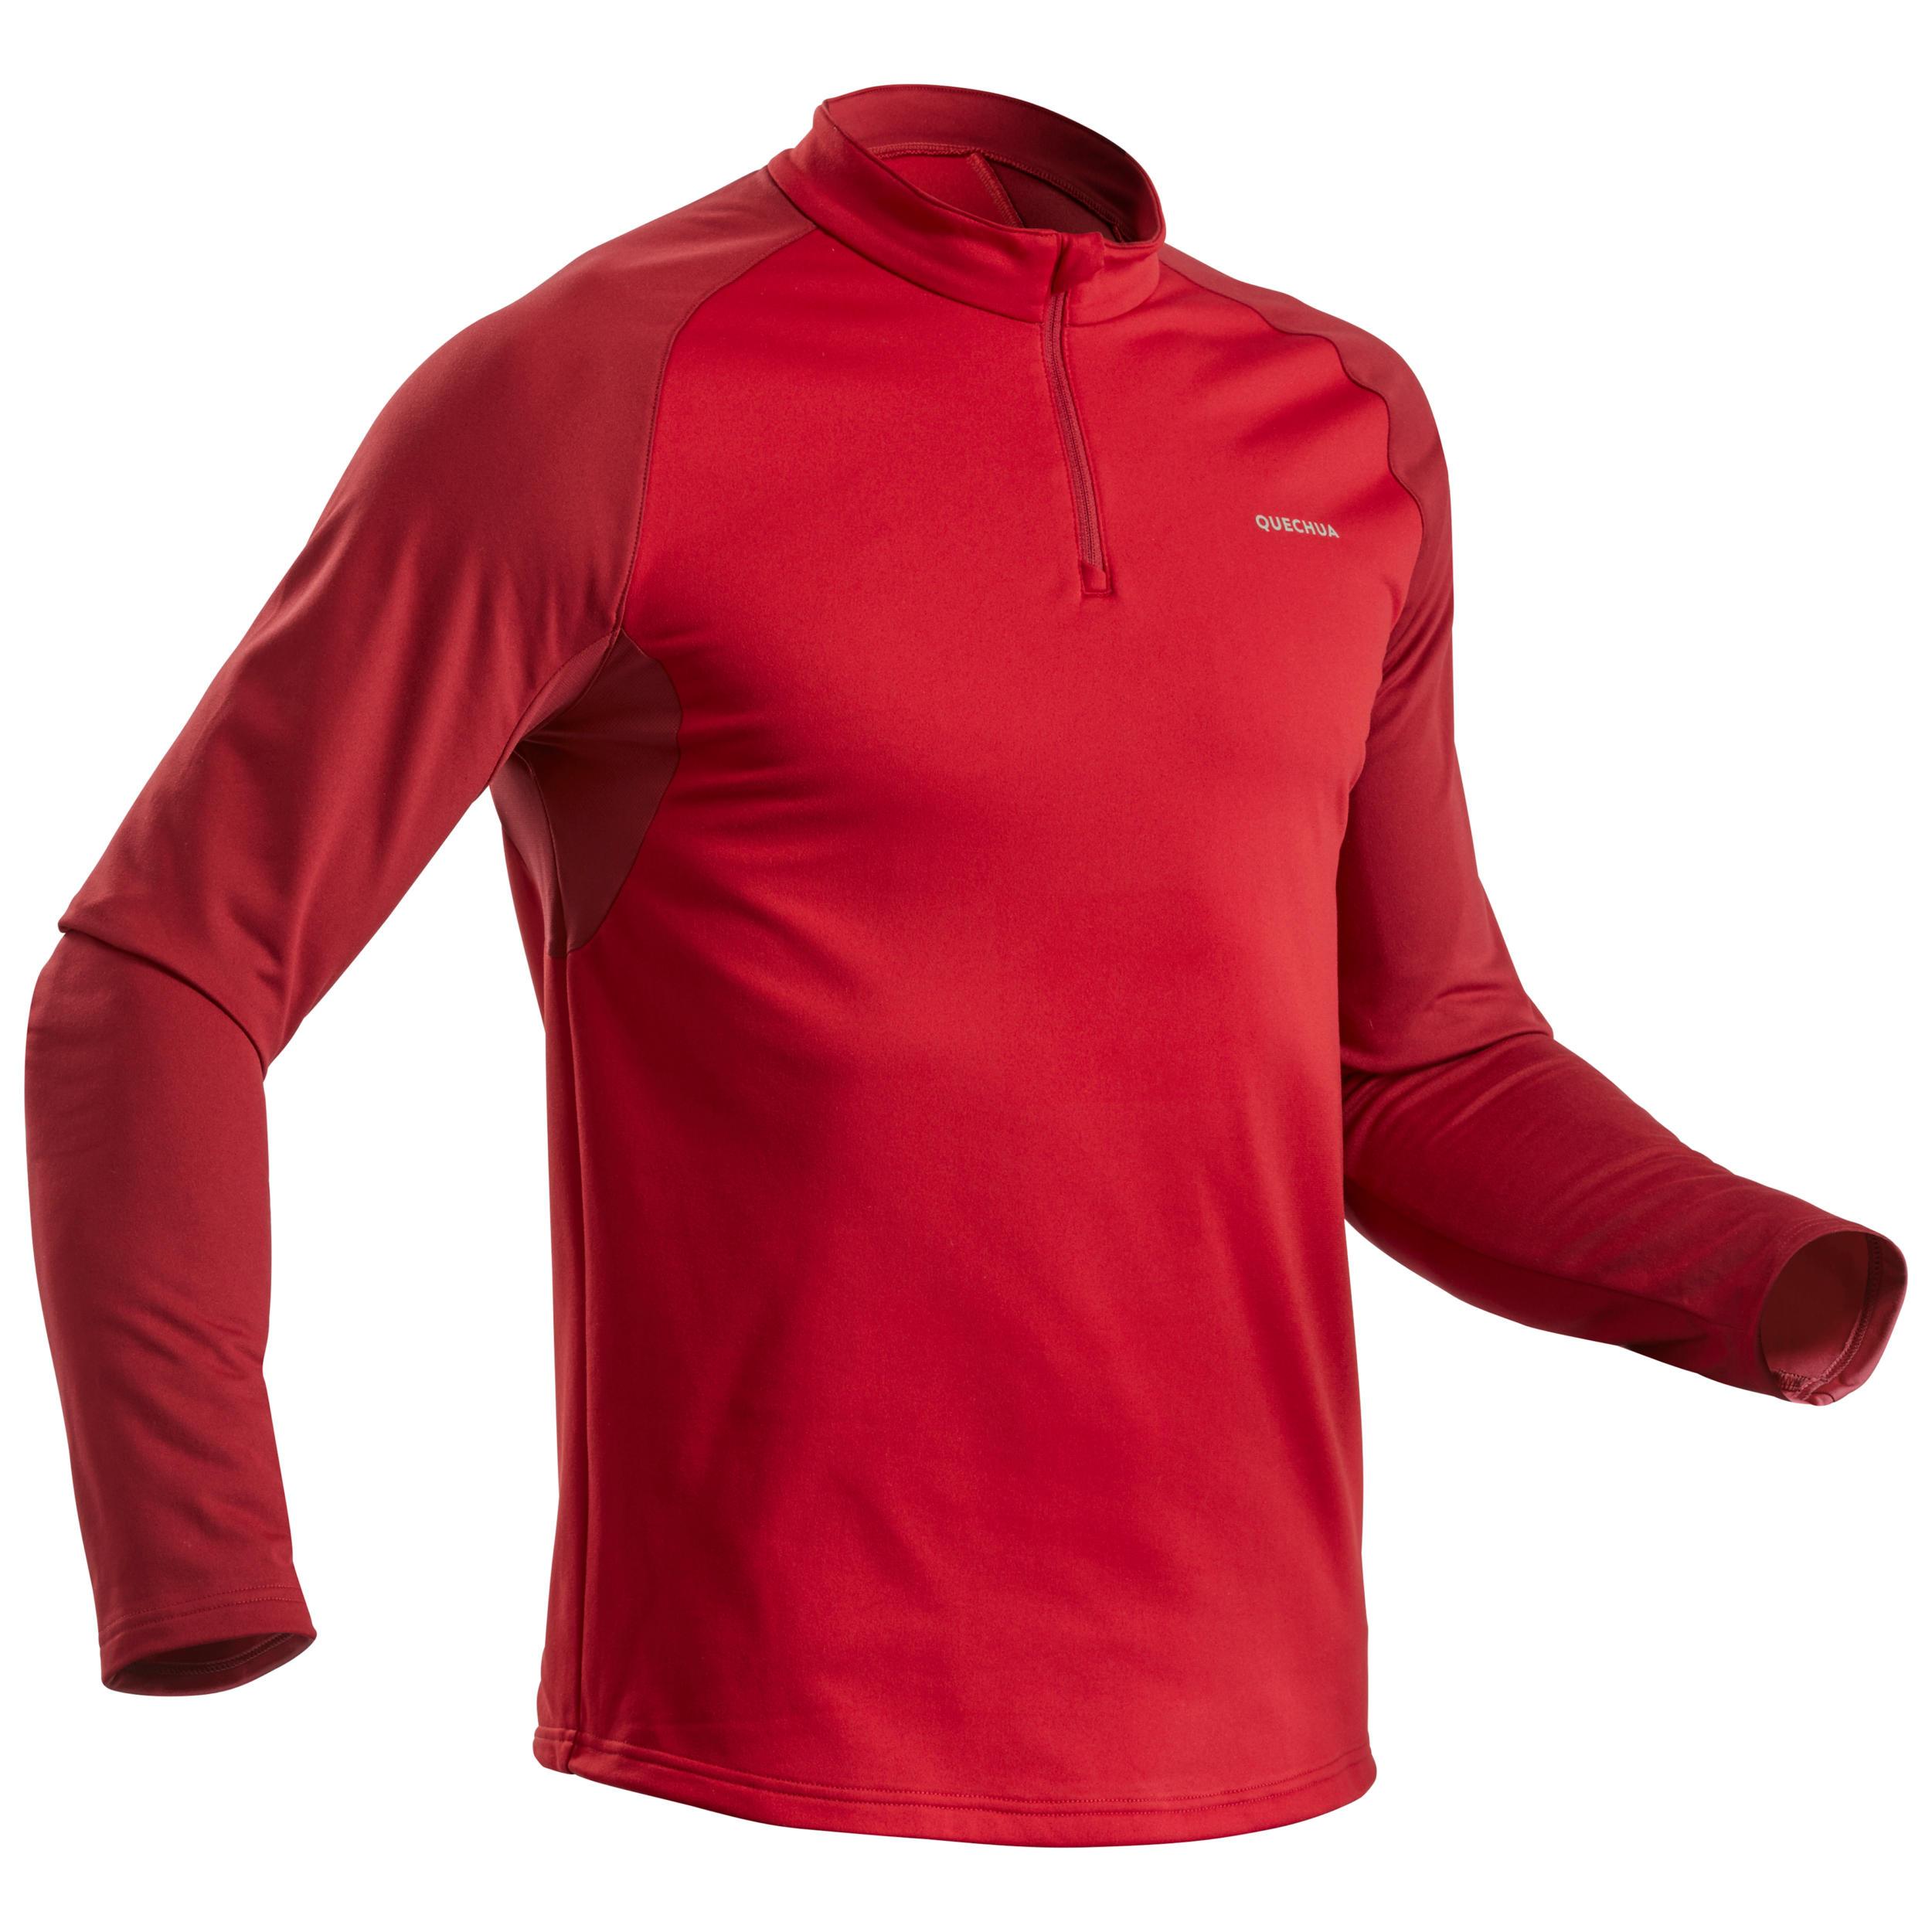 Tee shirt de randonnée neige homme manches longue sh100 warm rouge. quechua